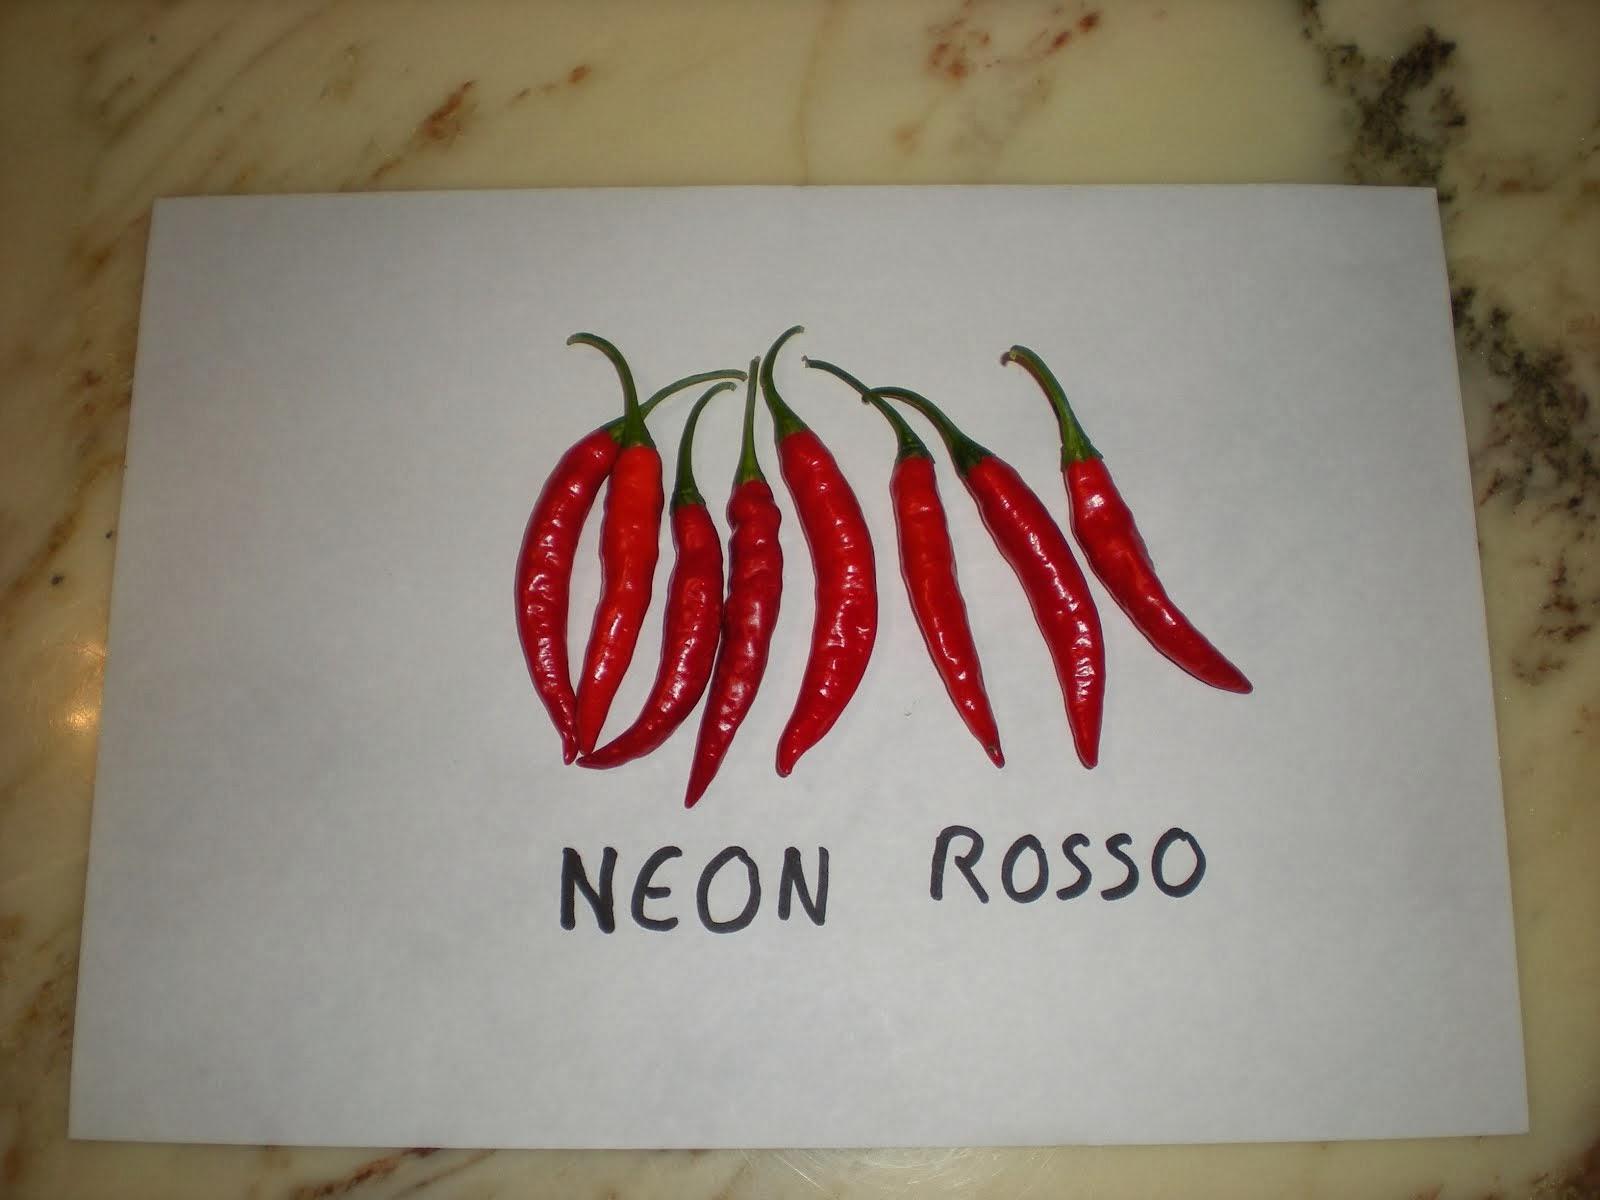 Neon rosso